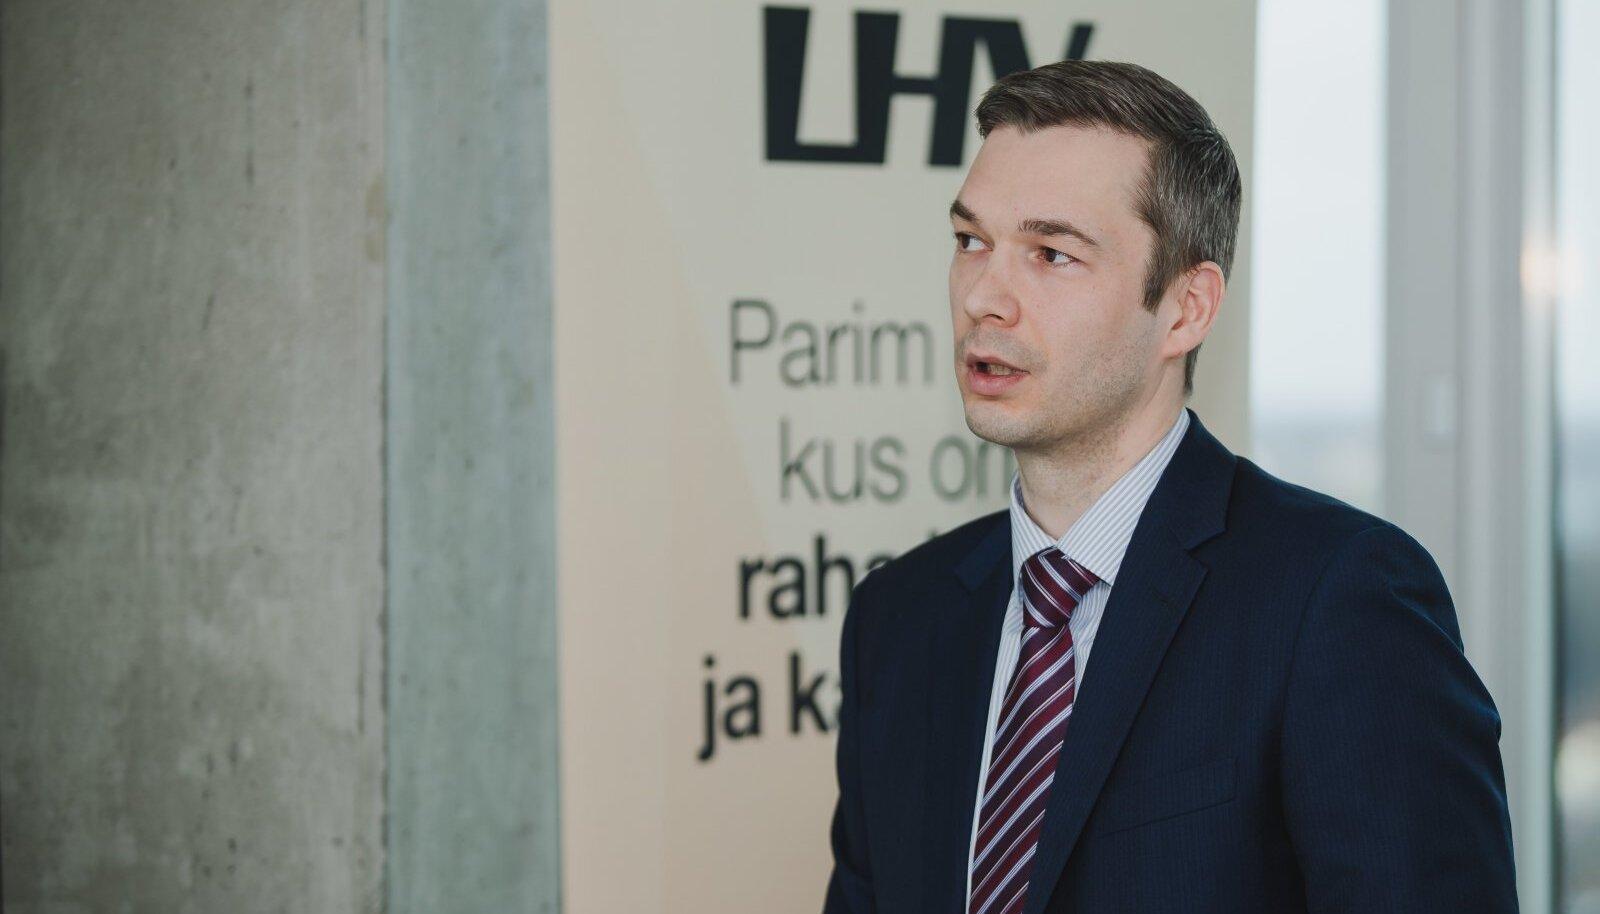 LHV juht Madis Toomsalu ennustab pangale kiiret kasvu.